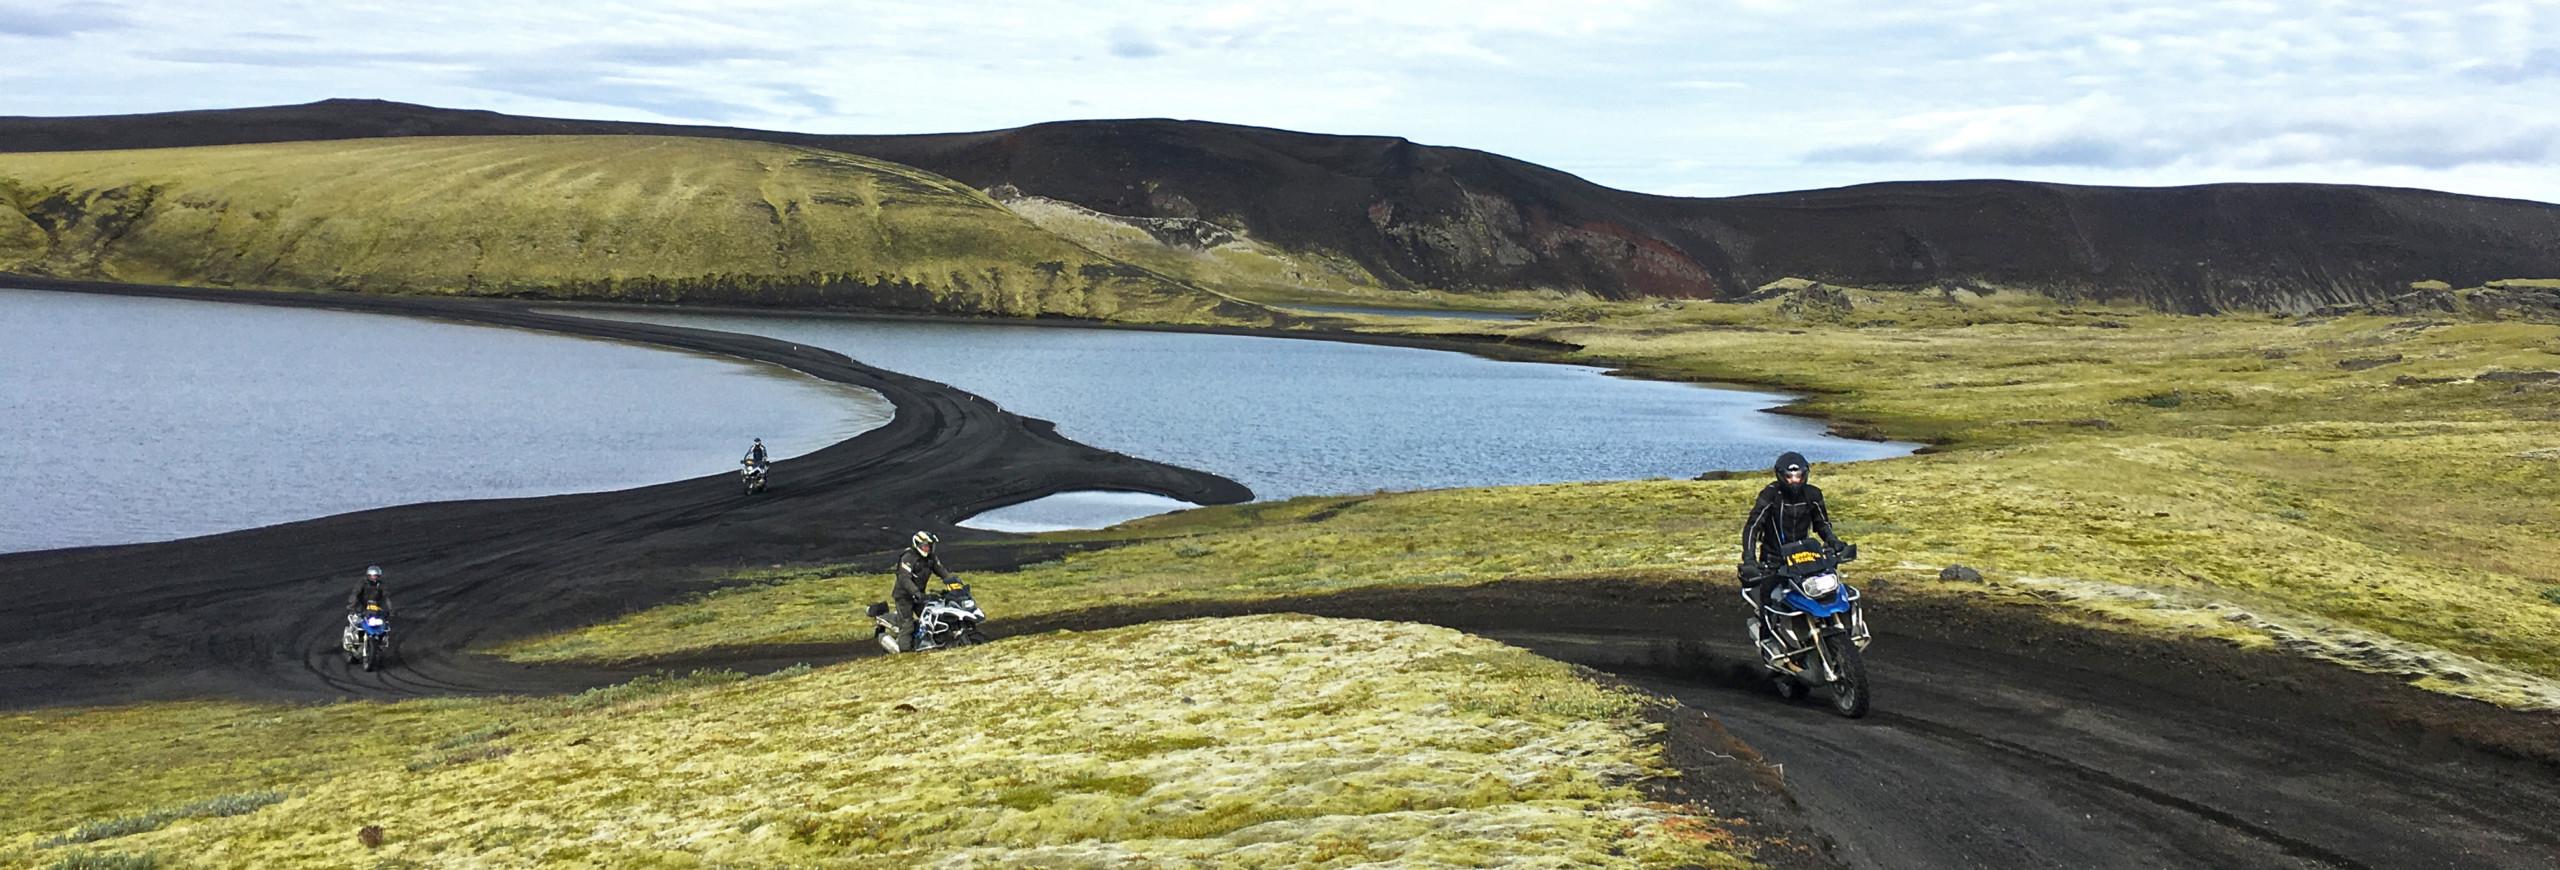 Touratech Experience äventyrsresor på motorcykel Island 2018